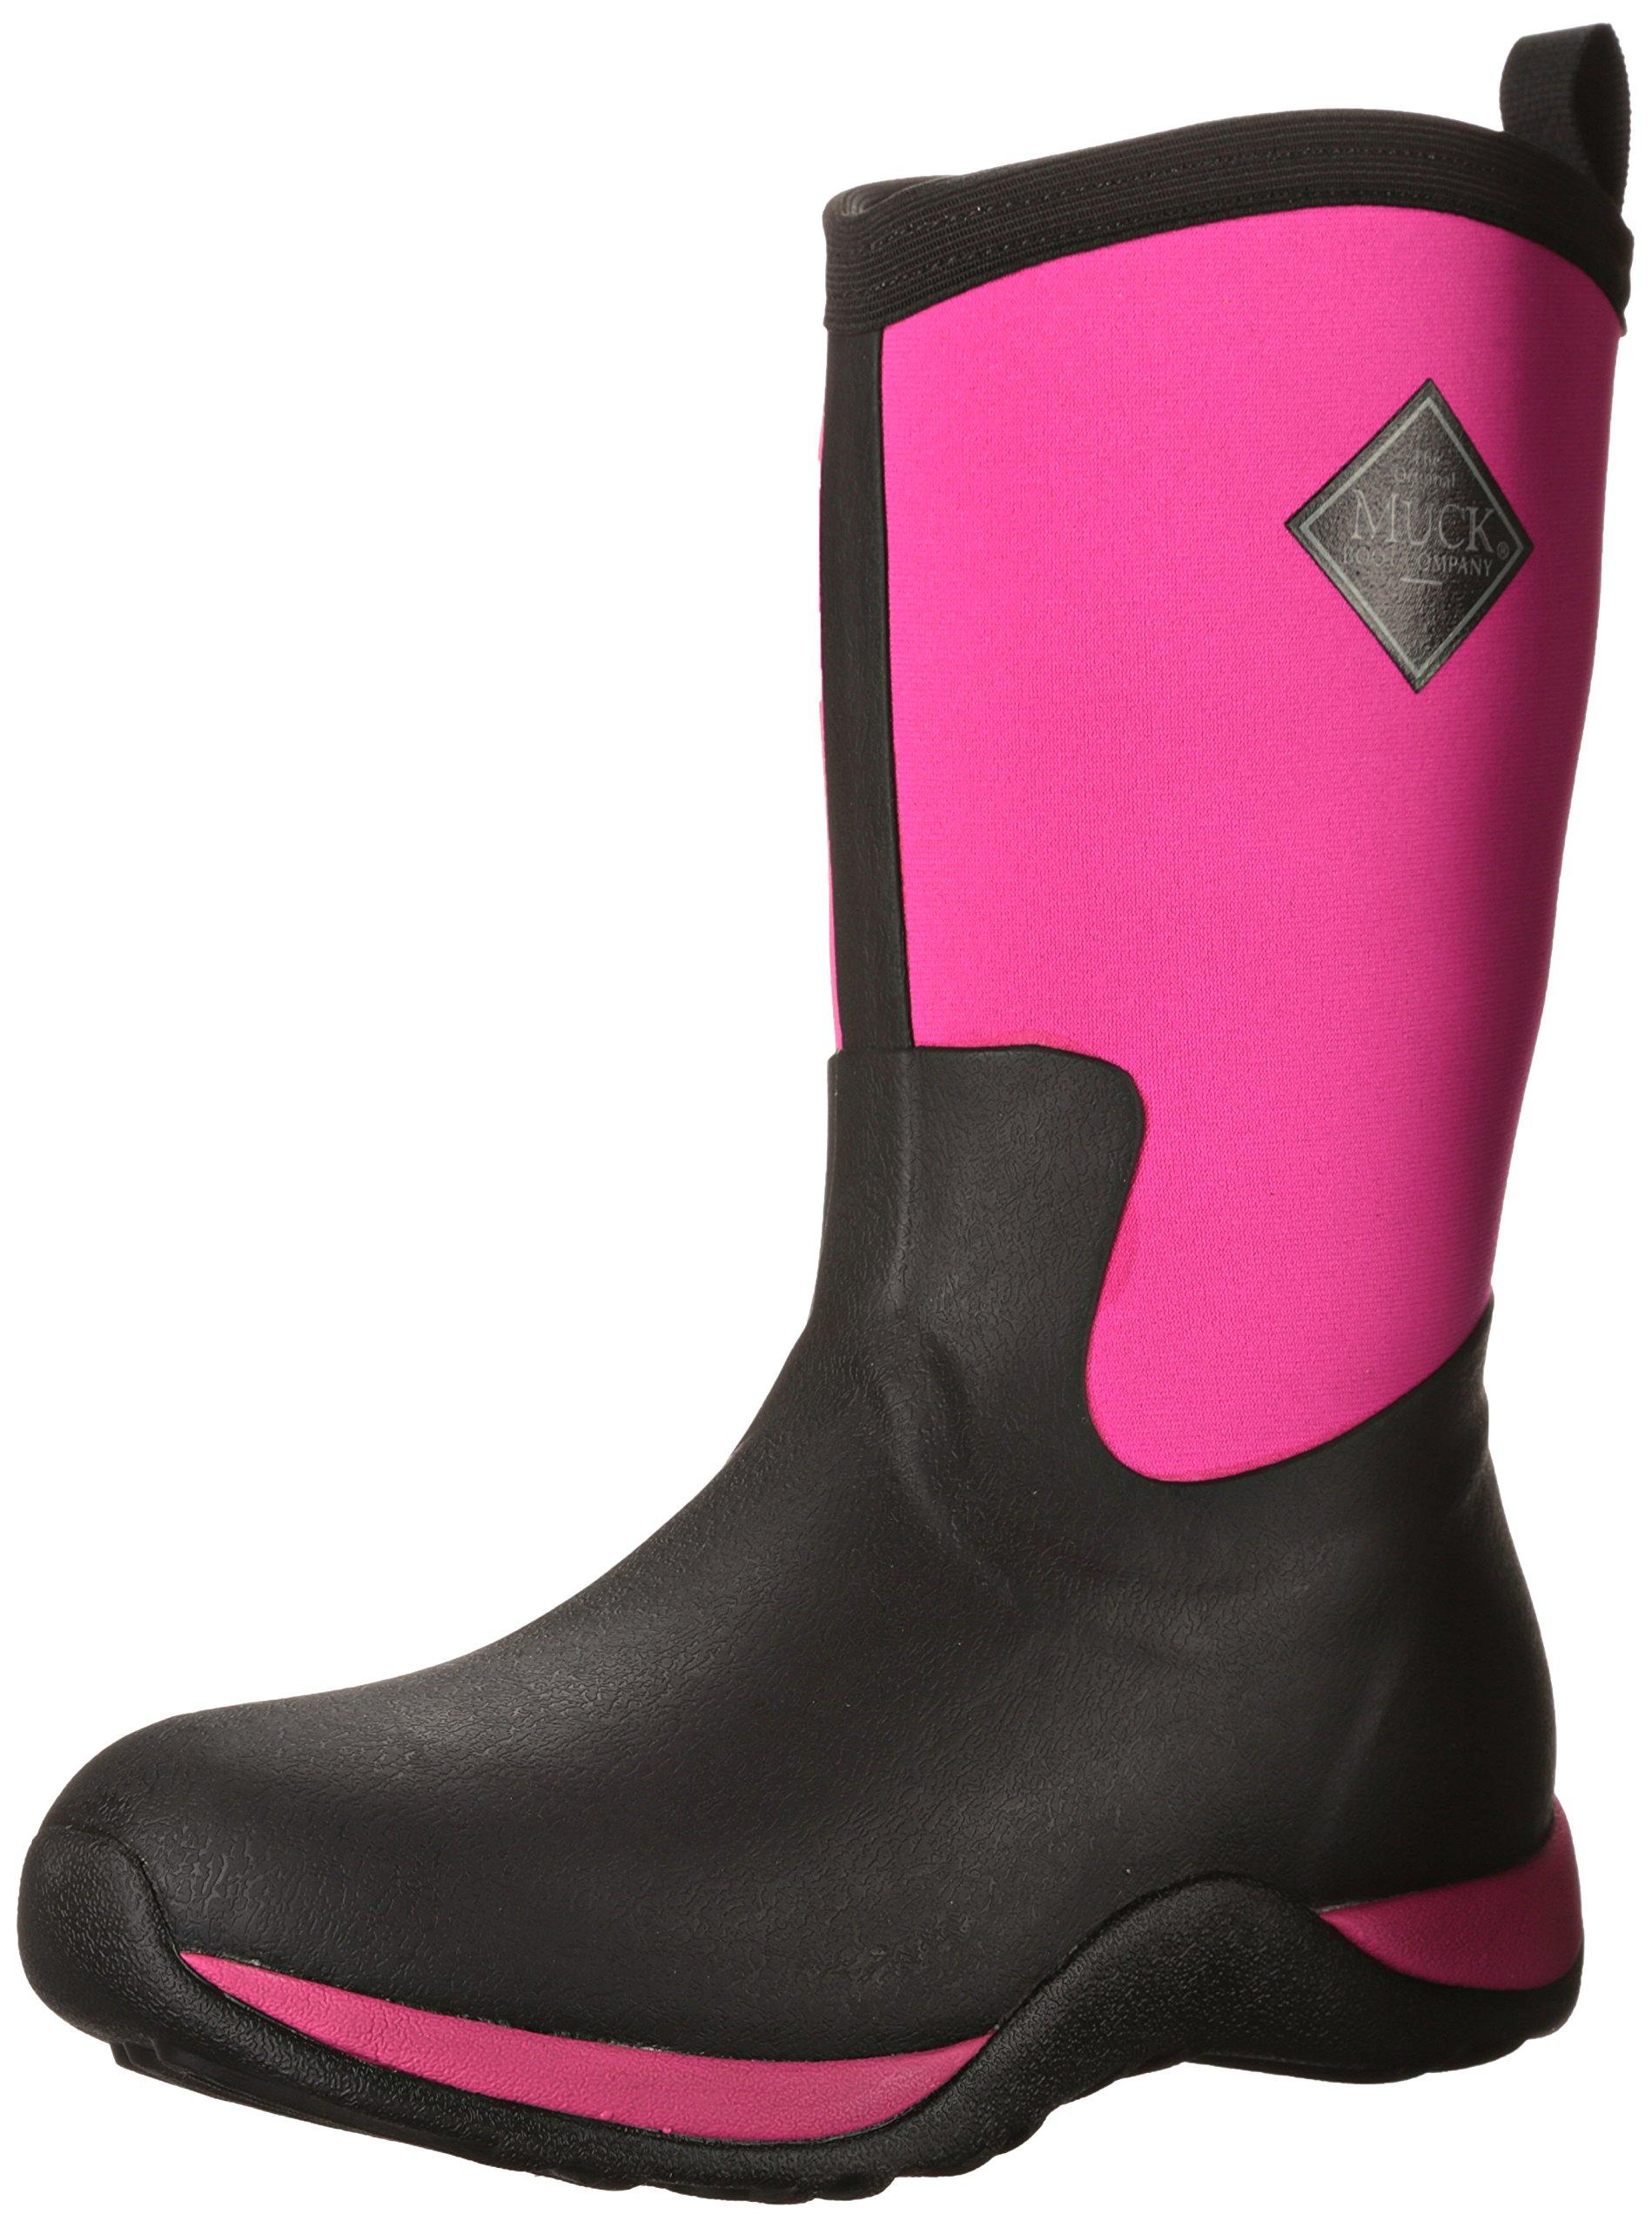 Eu Bottines FemmeNoirblack Muck Boots De hot Pink37 Women's Arctic WeekendBottesamp; Pluie ZiwXOPkuT